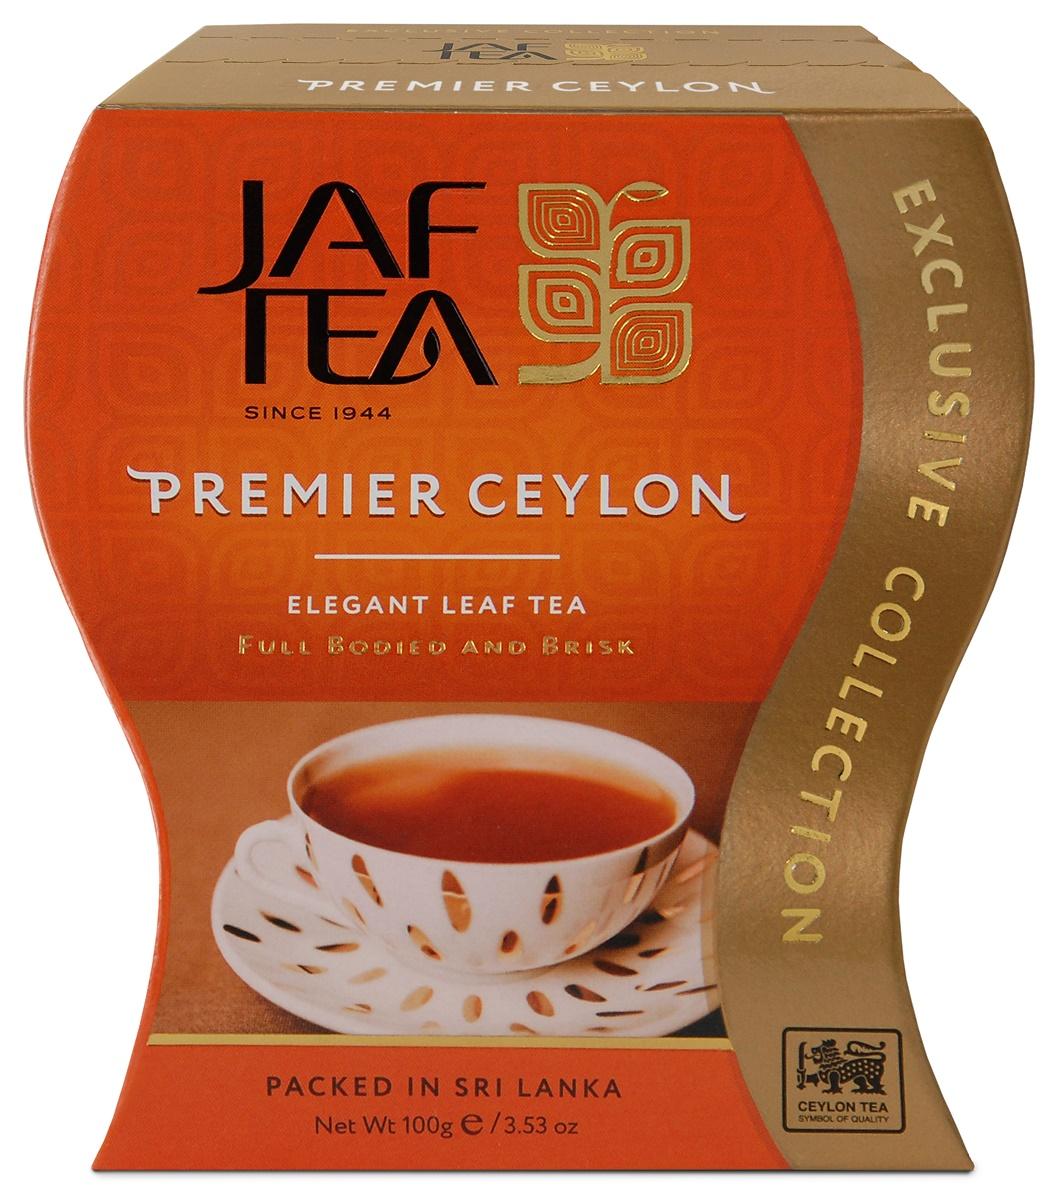 Jaf Tea Premier Ceylon сорт FBOP чай черный листовой, 100 г jaf tea earl grey classic чай черный листовой с ароматом бергамота 100 г